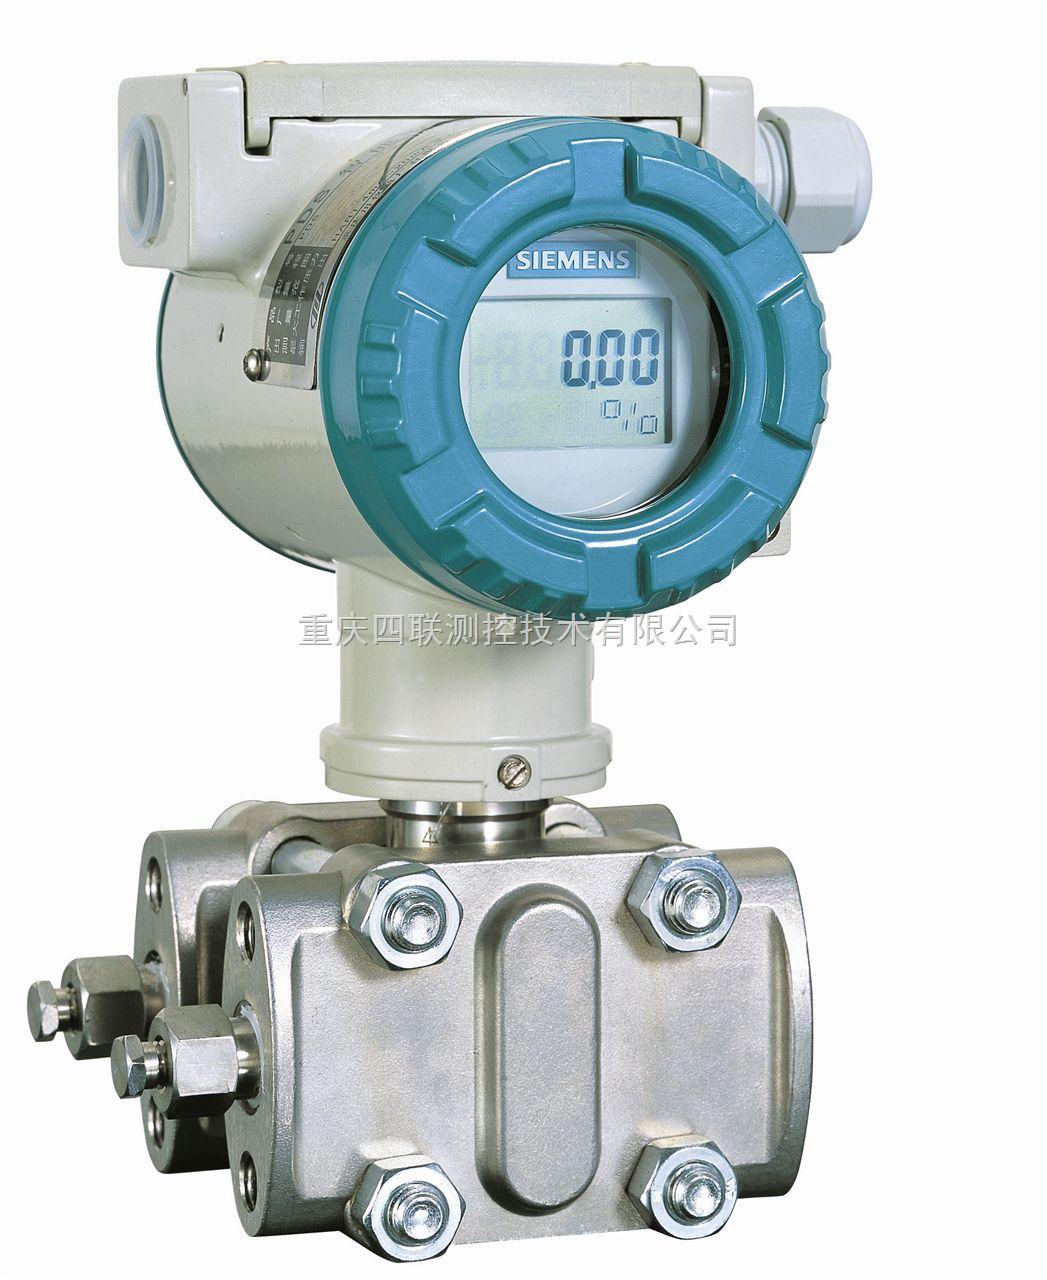 重庆四联测控技术有限公司-PDS智能压力变送器